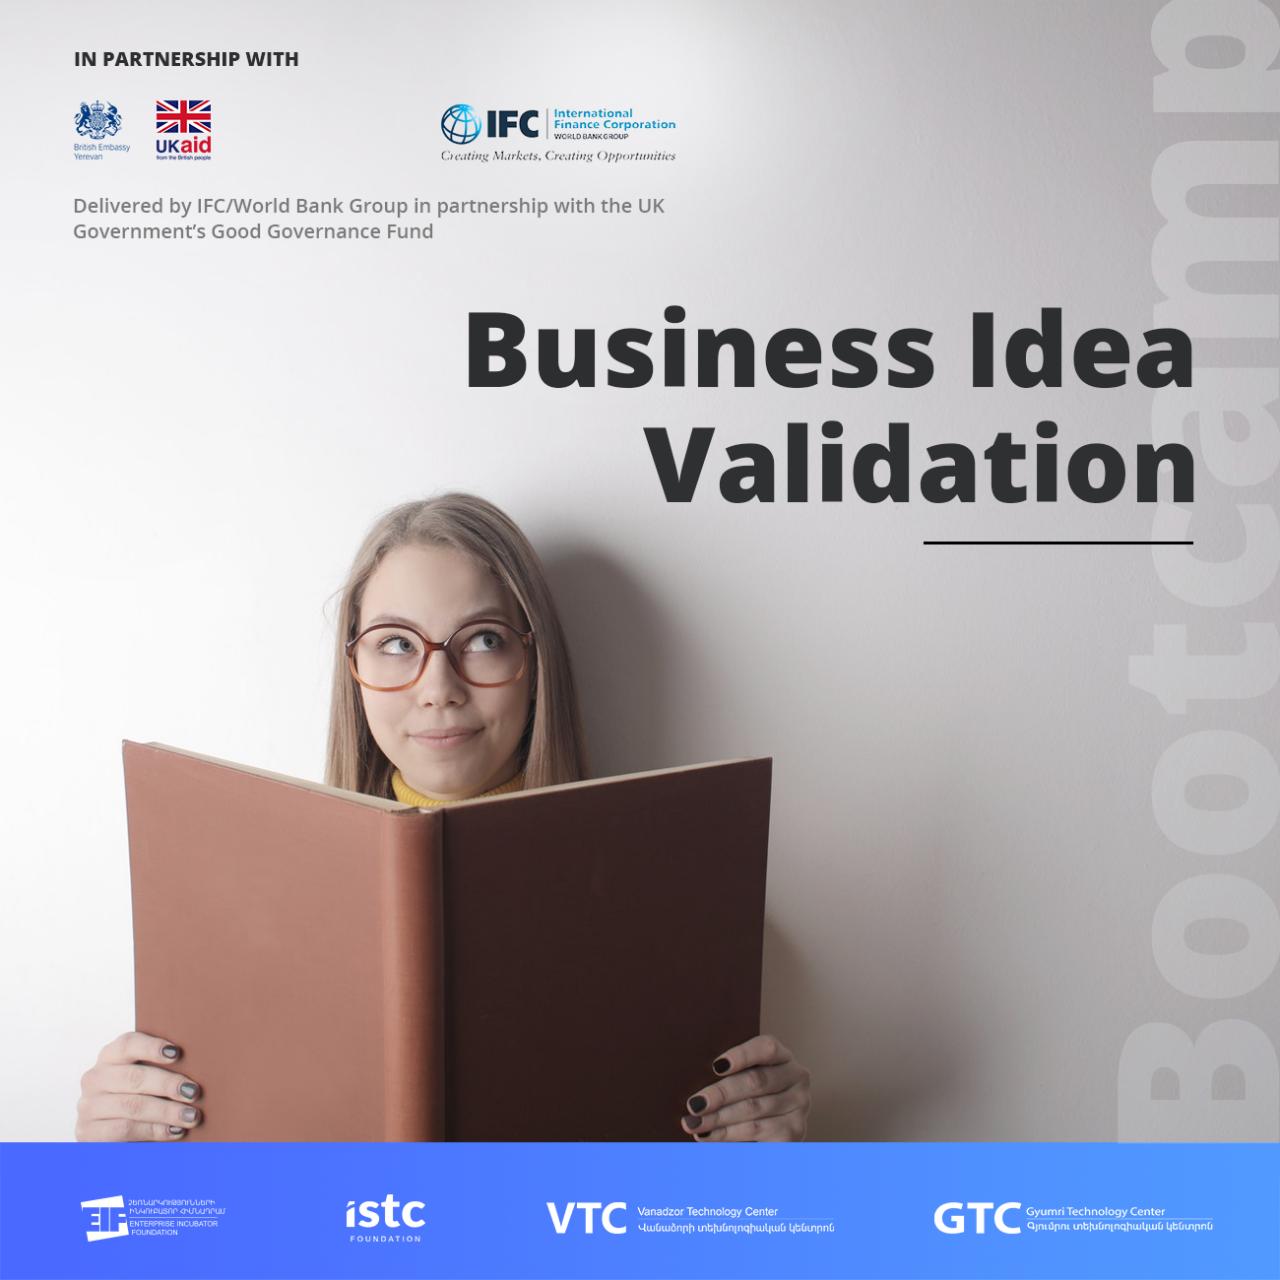 Բիզնես գաղափարի ձևավորում և գաղափարի վերլուծություն. մեկնարկում է Bootcamp-ը